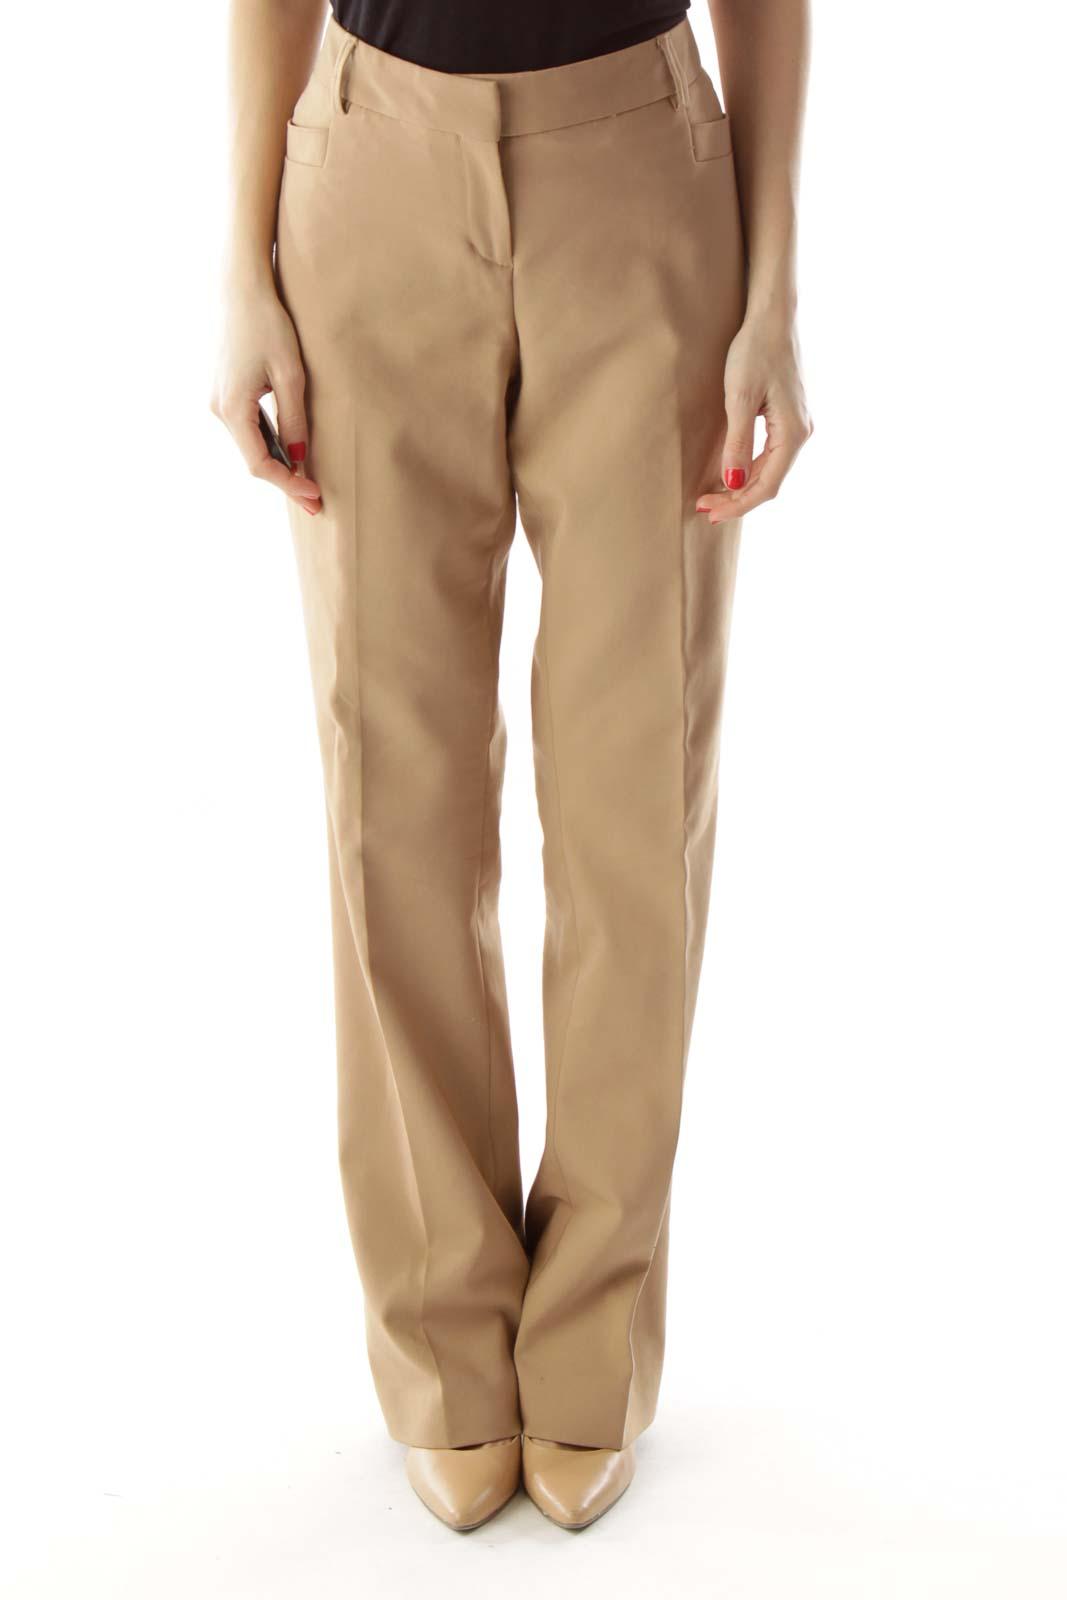 Brown Slim Fitted Pants